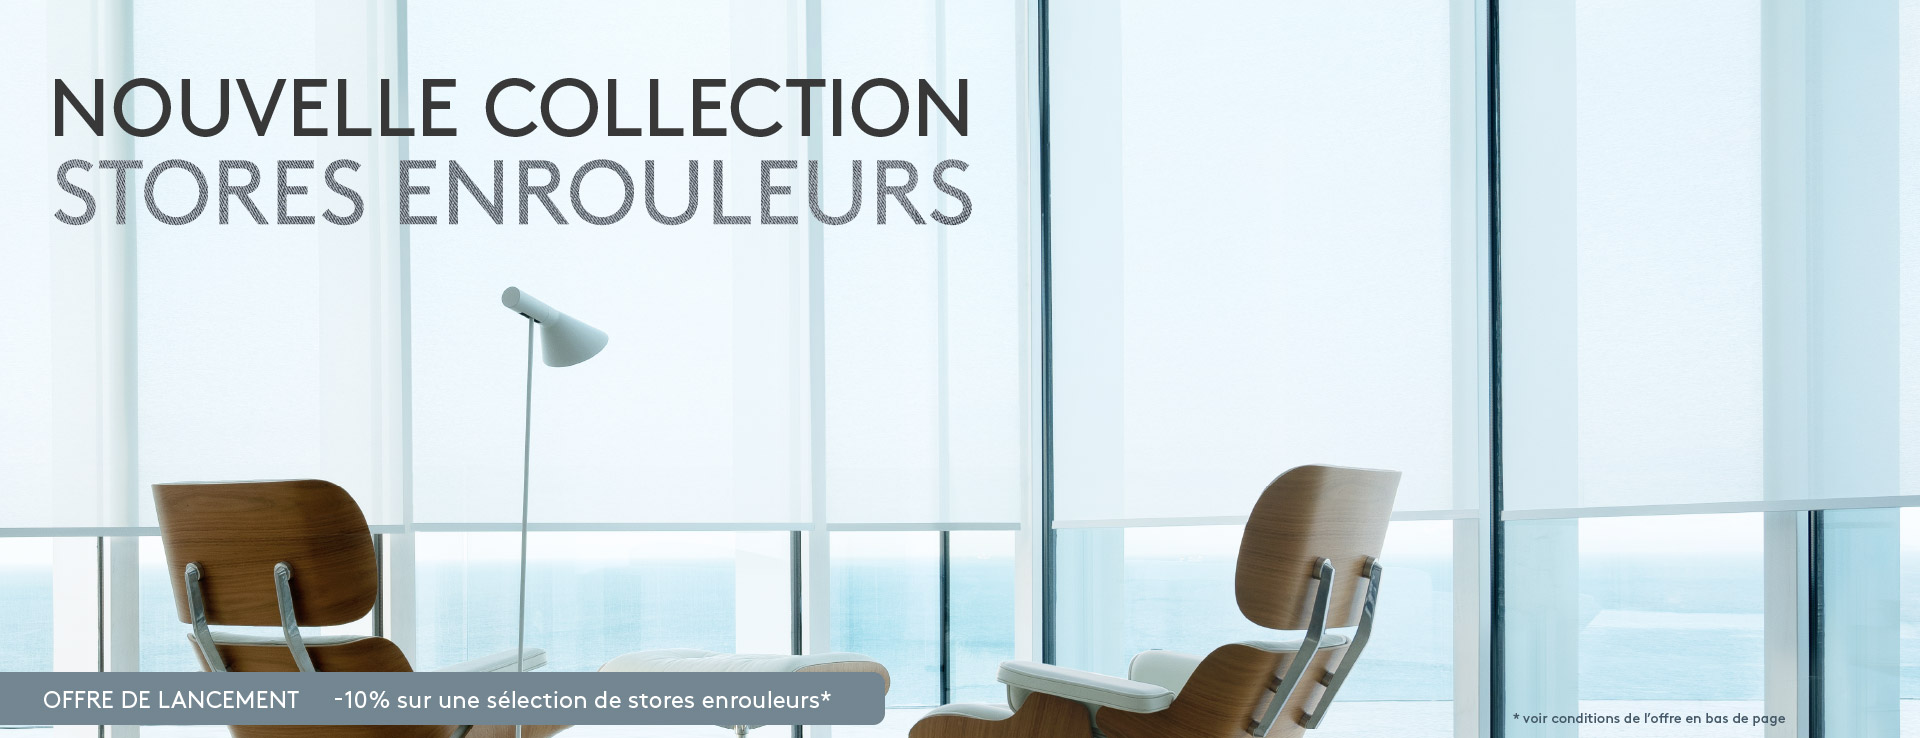 nouvelle-collection-stores-enrouleurs